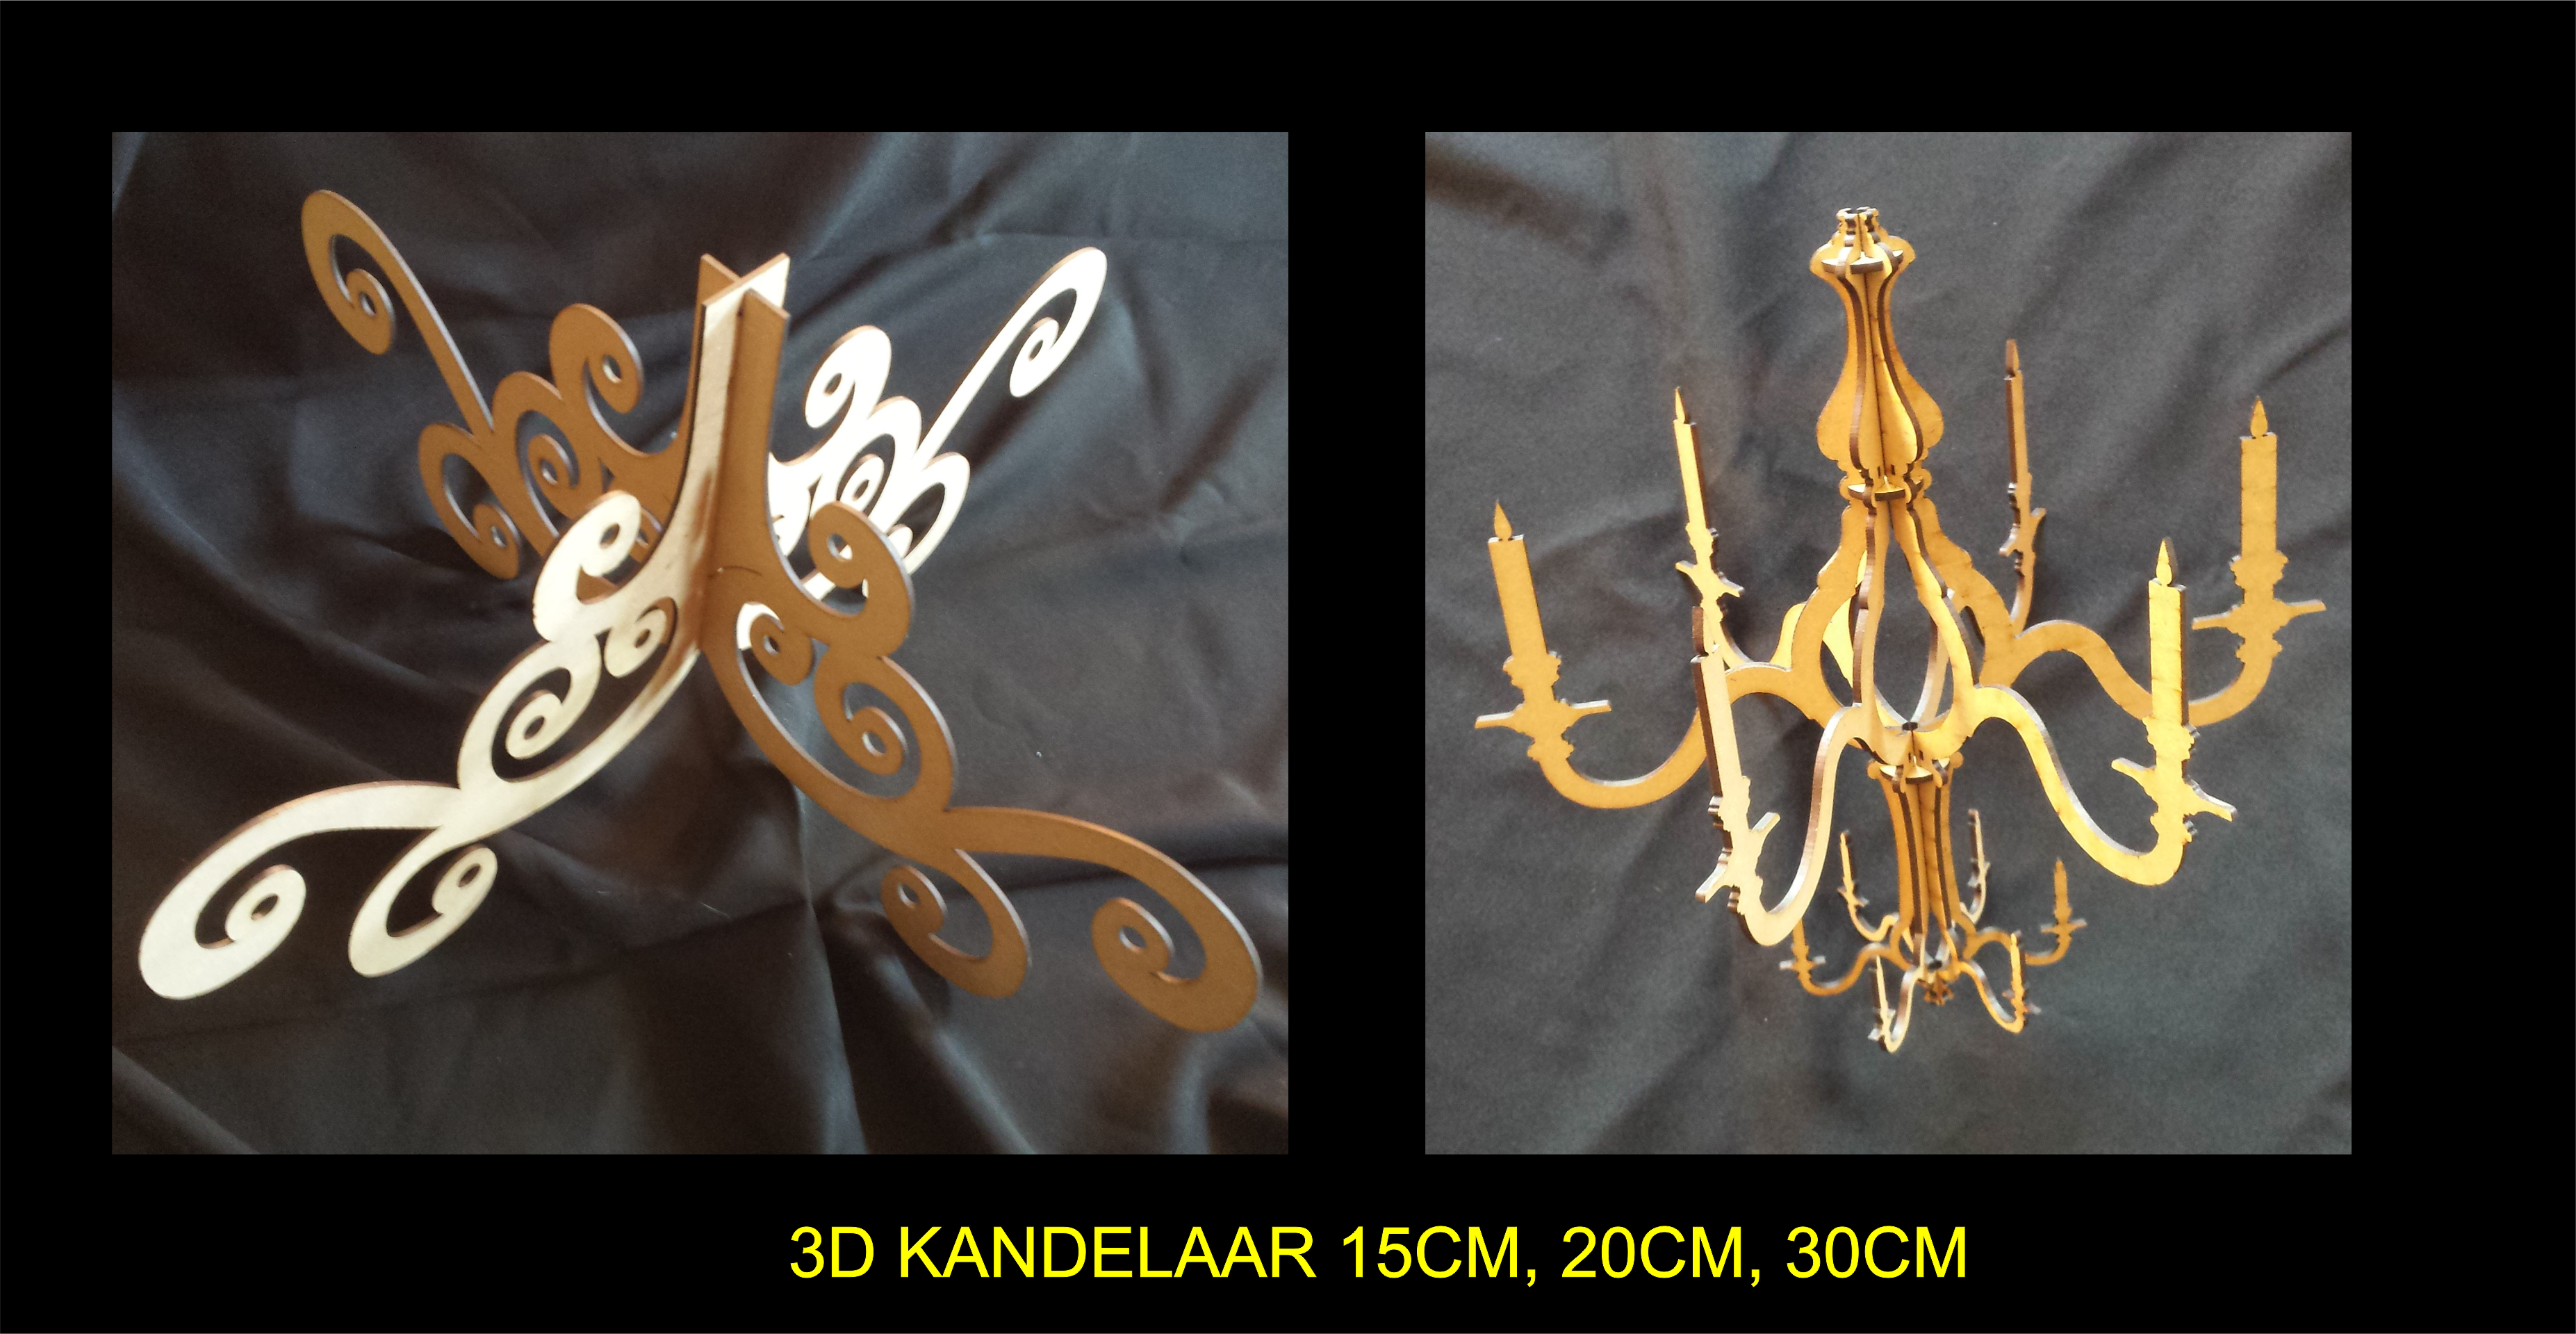 KANDELAAR 1 EN 2.jpg